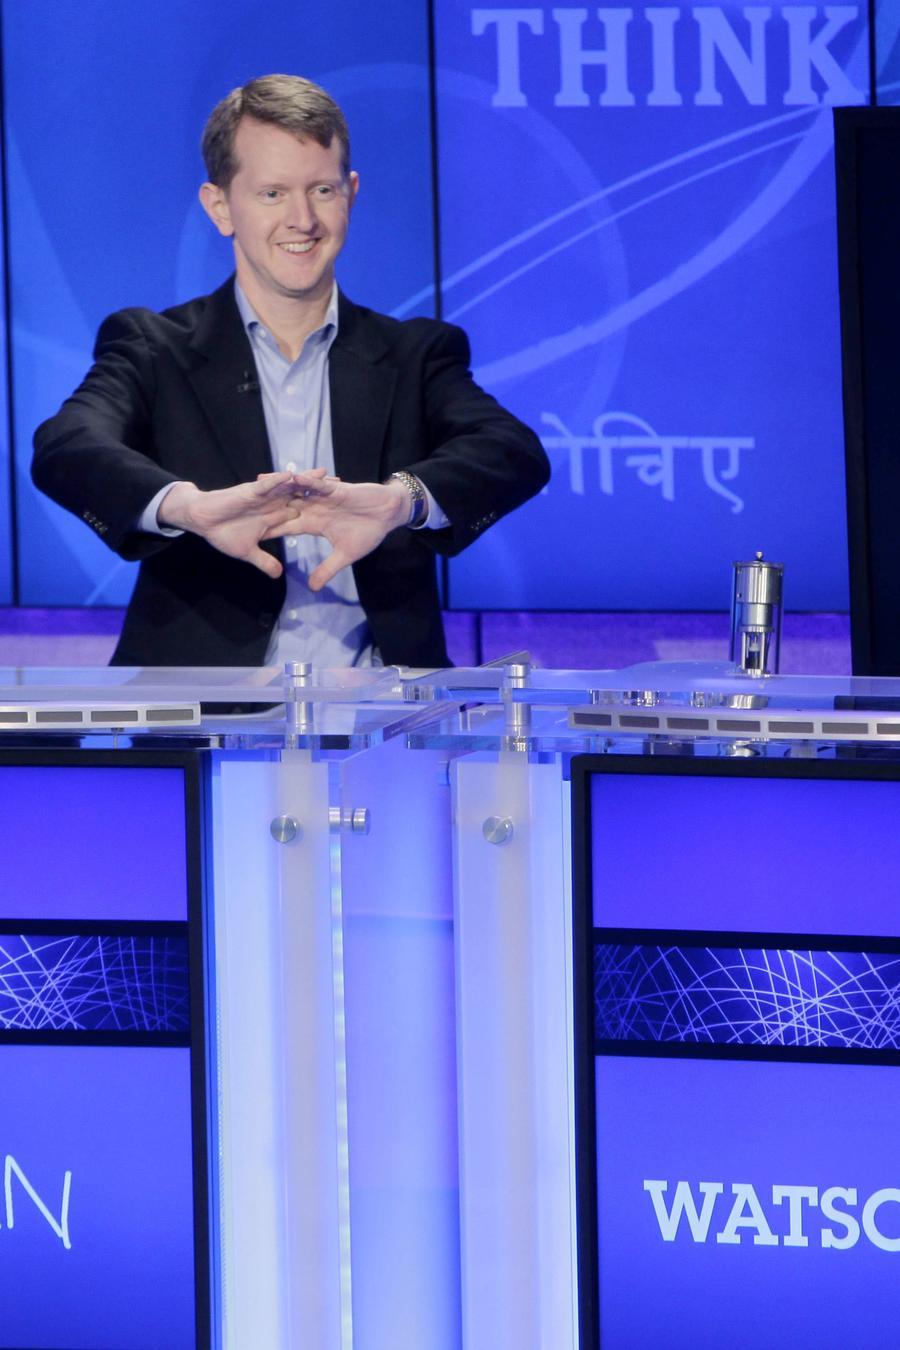 El concursante de  Jeopardy Ken Jennings, en una fotografía de archivo